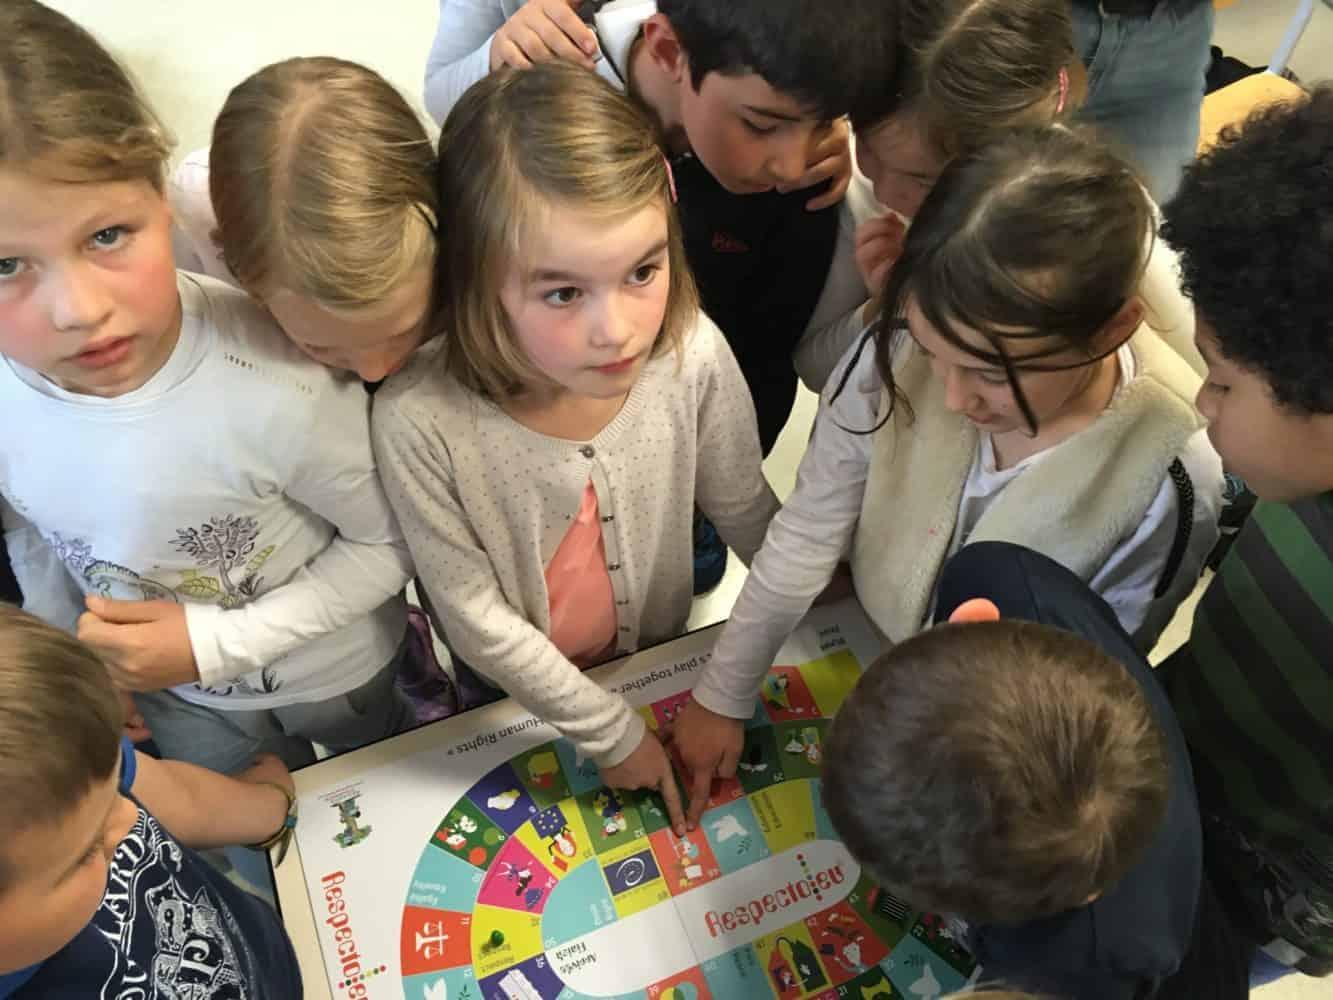 Intervention CAS – Les élèves de DP1 interviennent à Lucie Berger